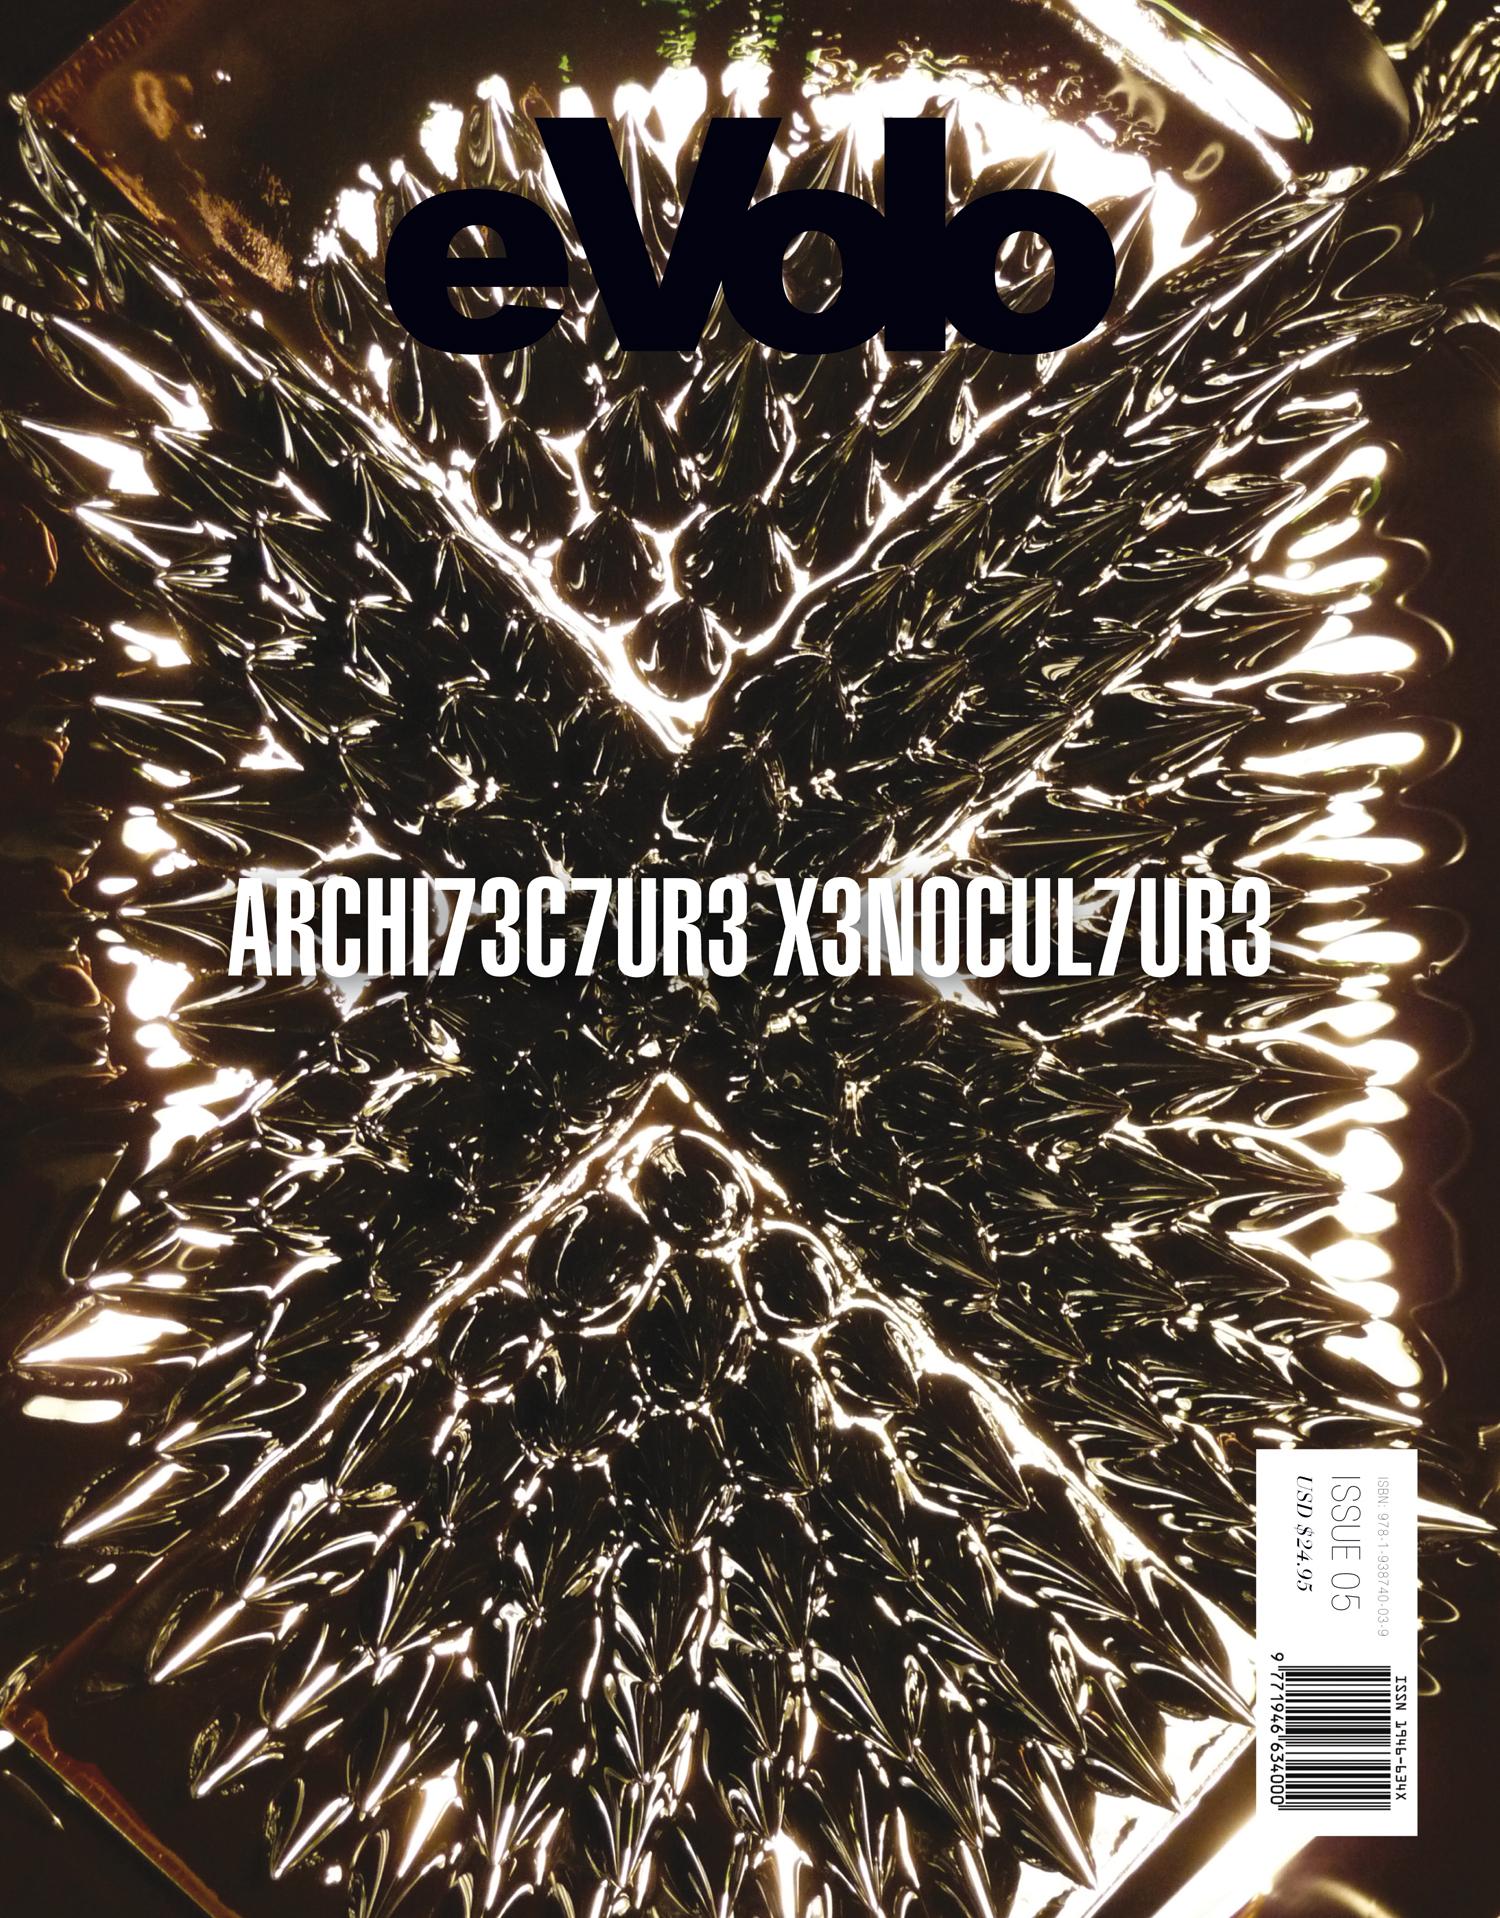 EVolo 5 Architecture Xenoculture